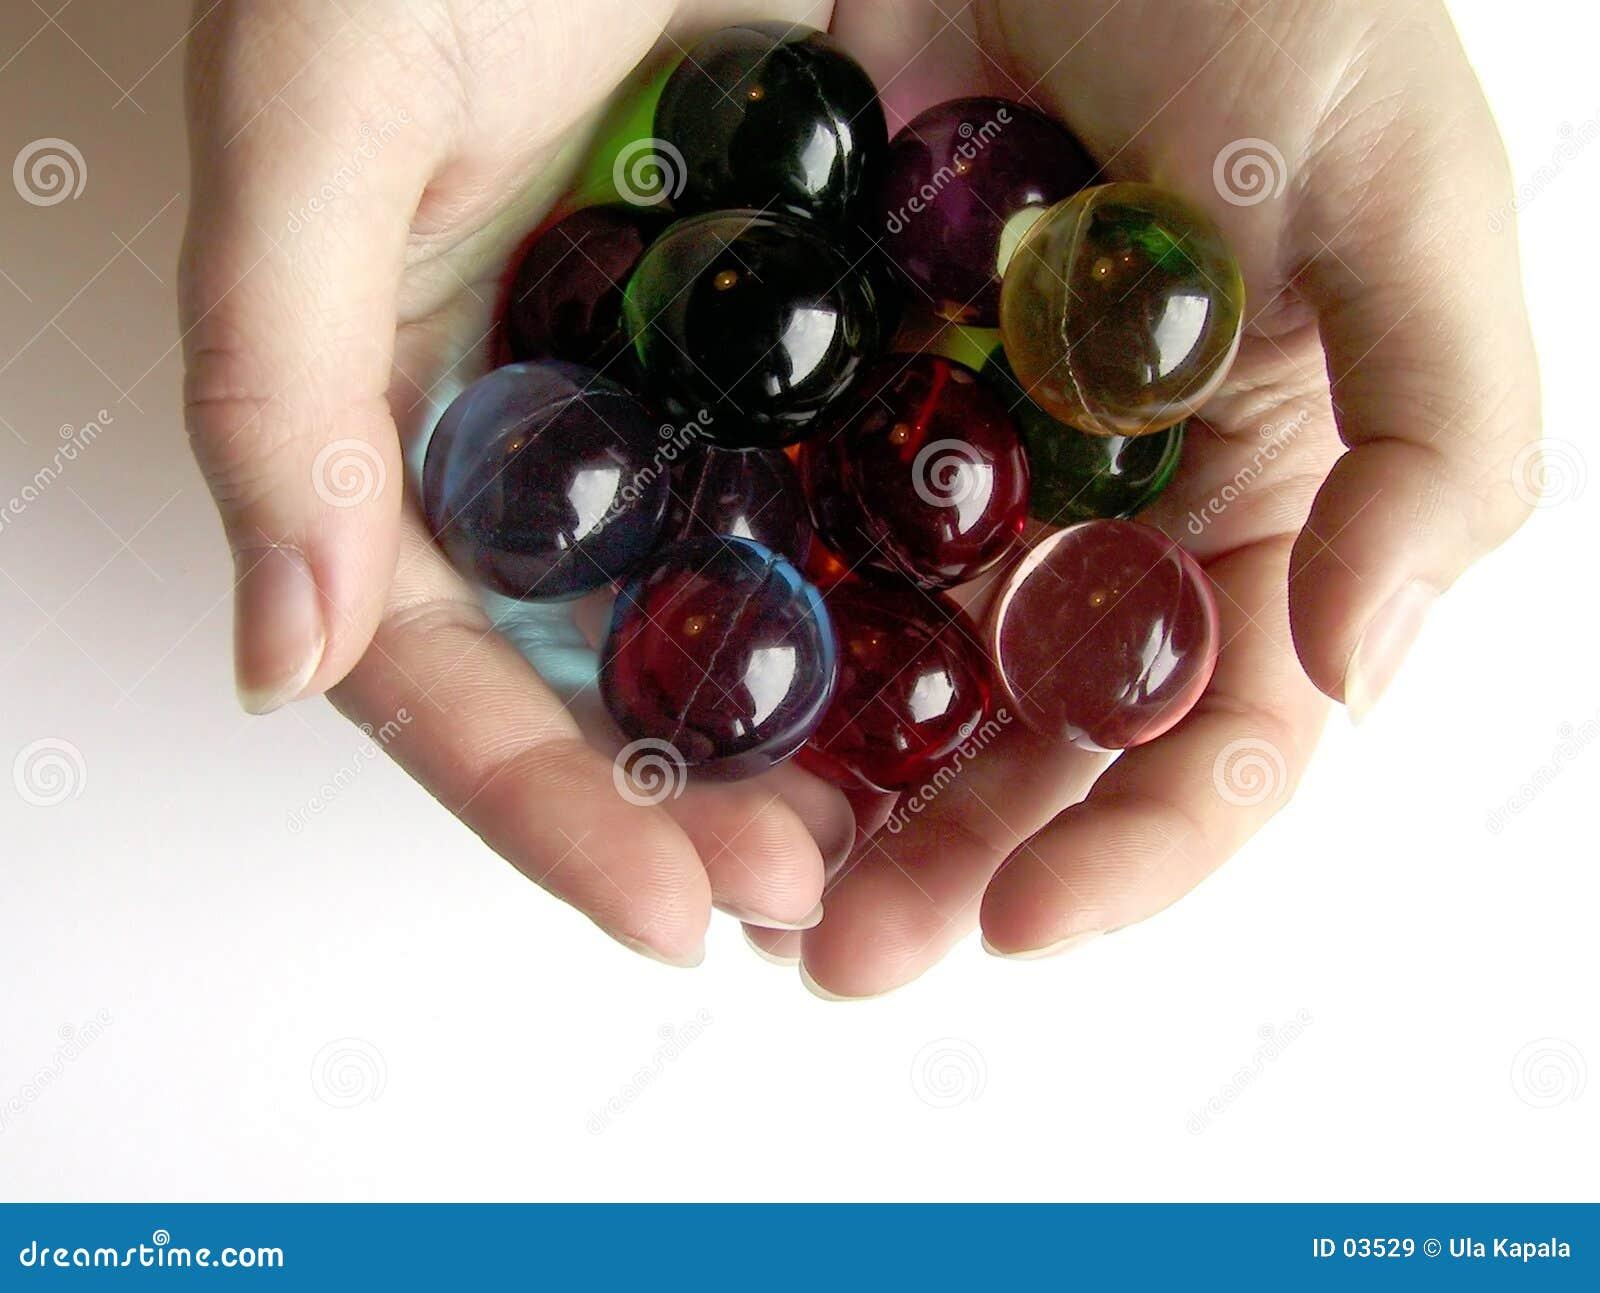 Gekleurde badballen in handen